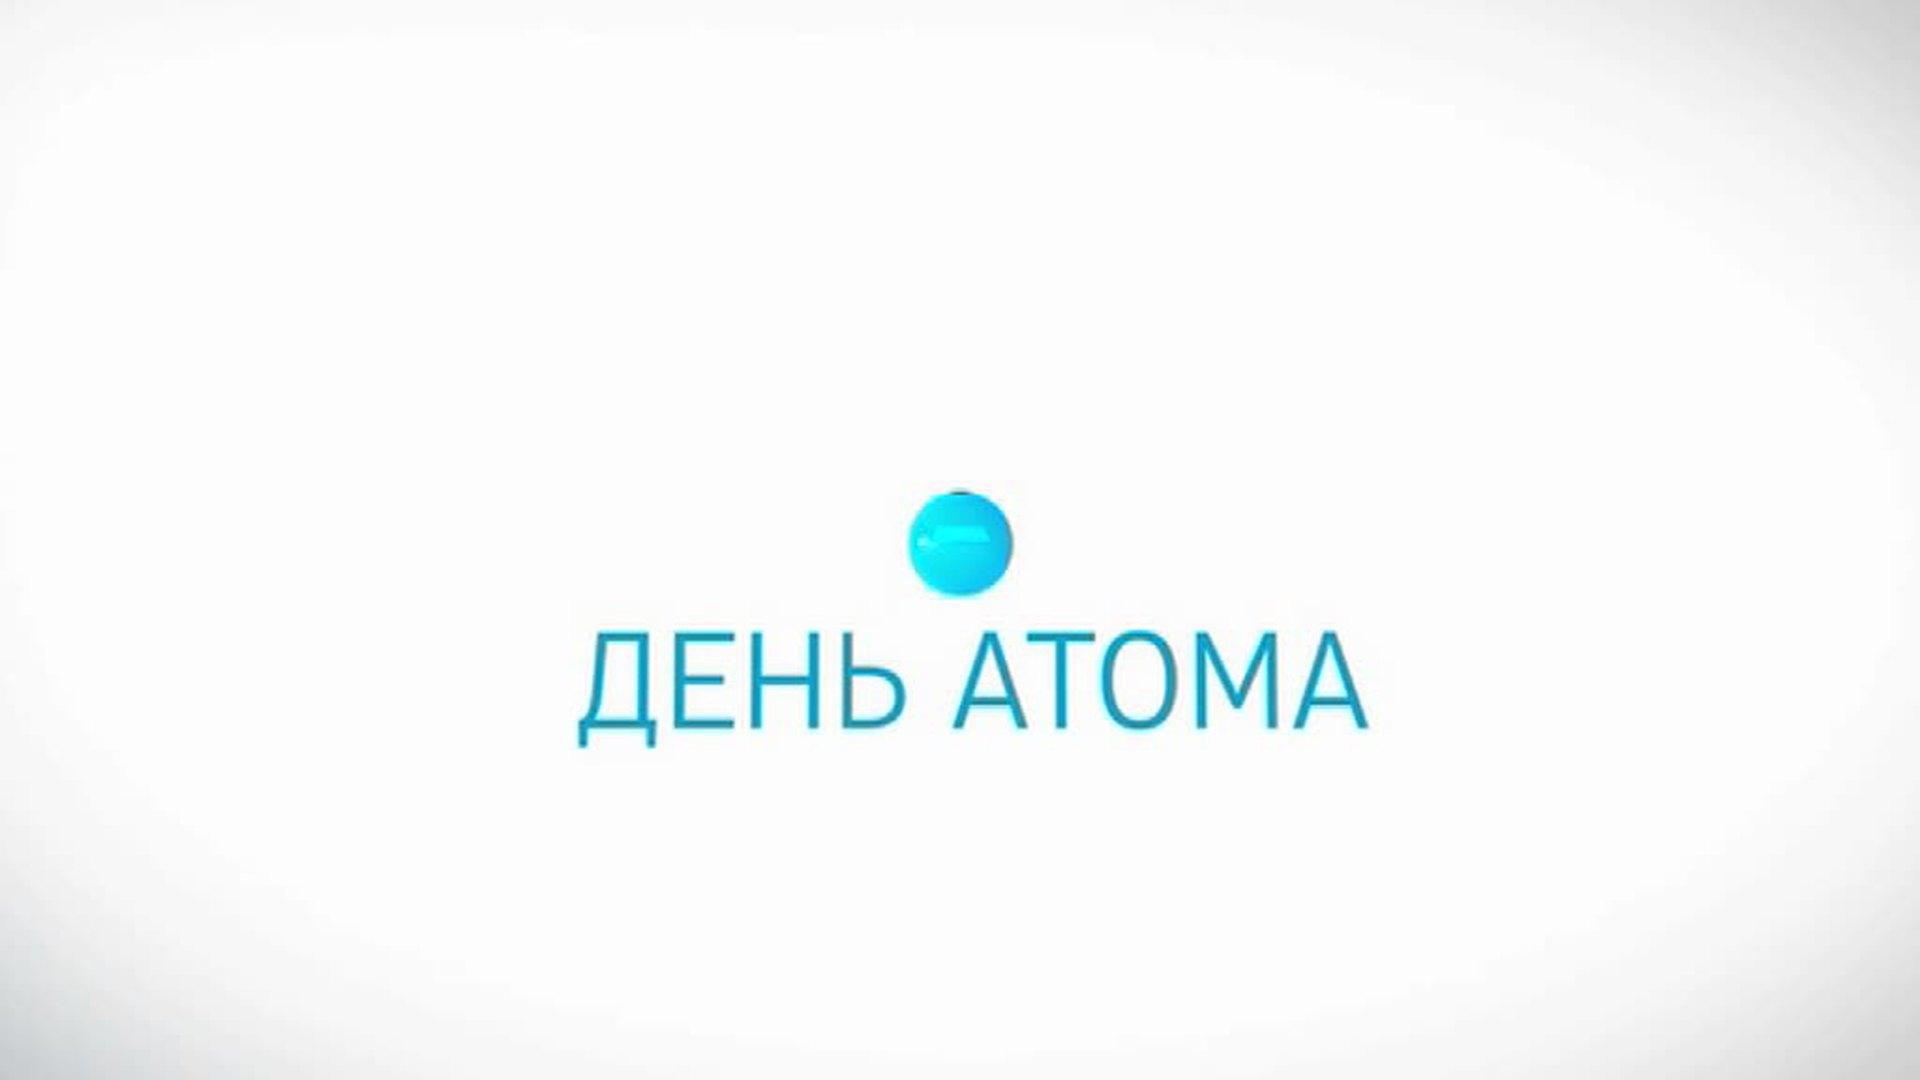 Анатомия атома